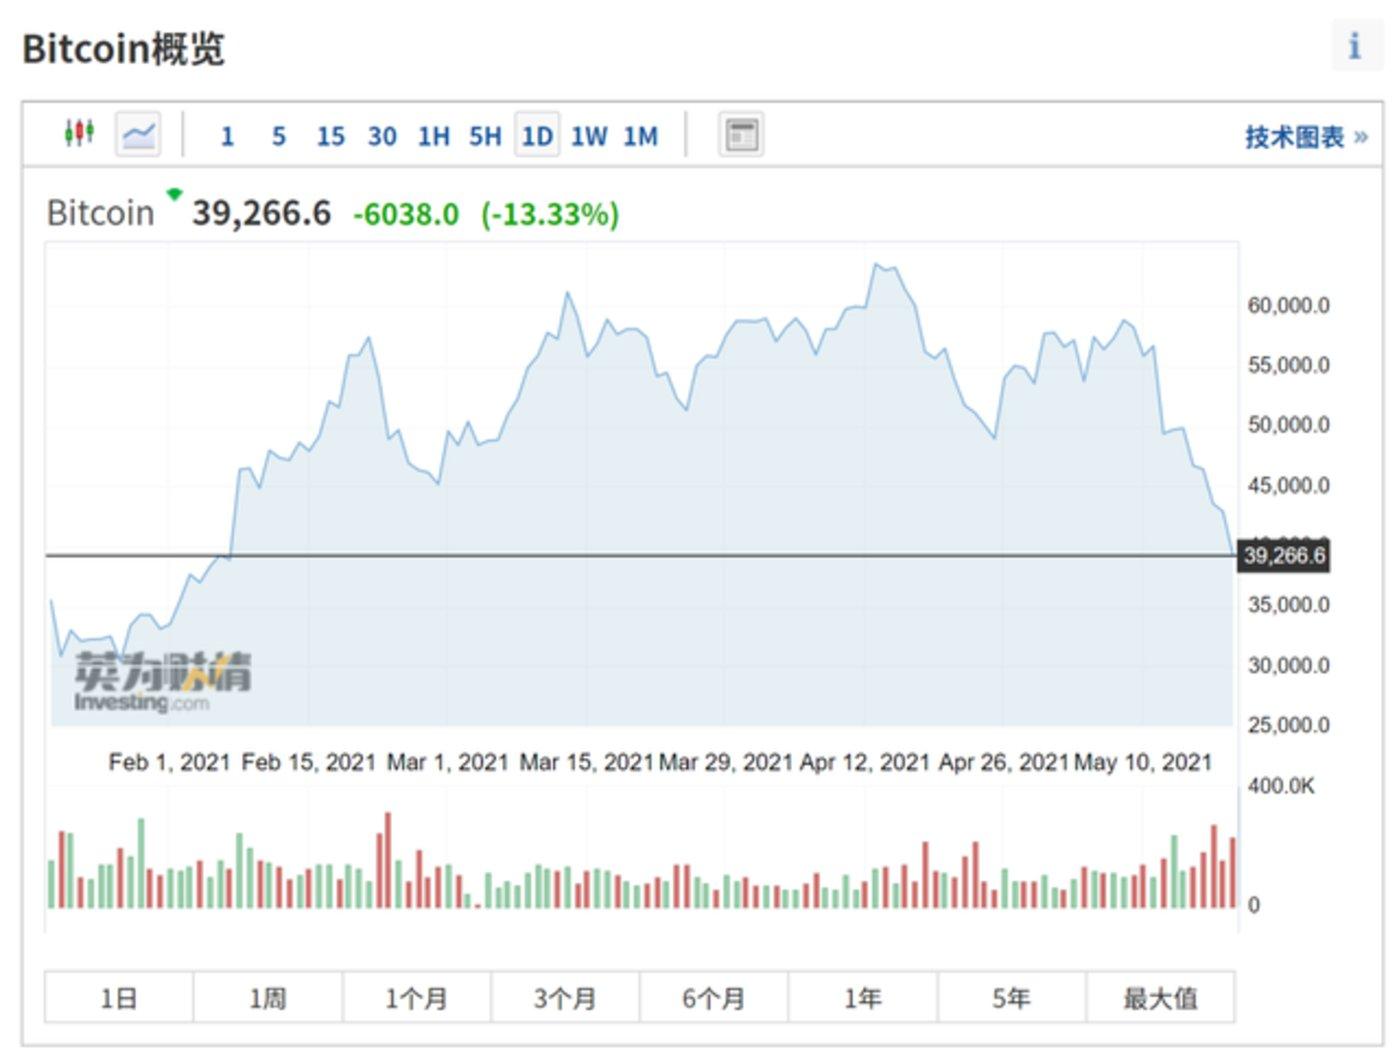 """三大协会联手""""封杀"""",虚拟货币被血洗:比特币崩盘13%、狗狗币暴跌20%"""